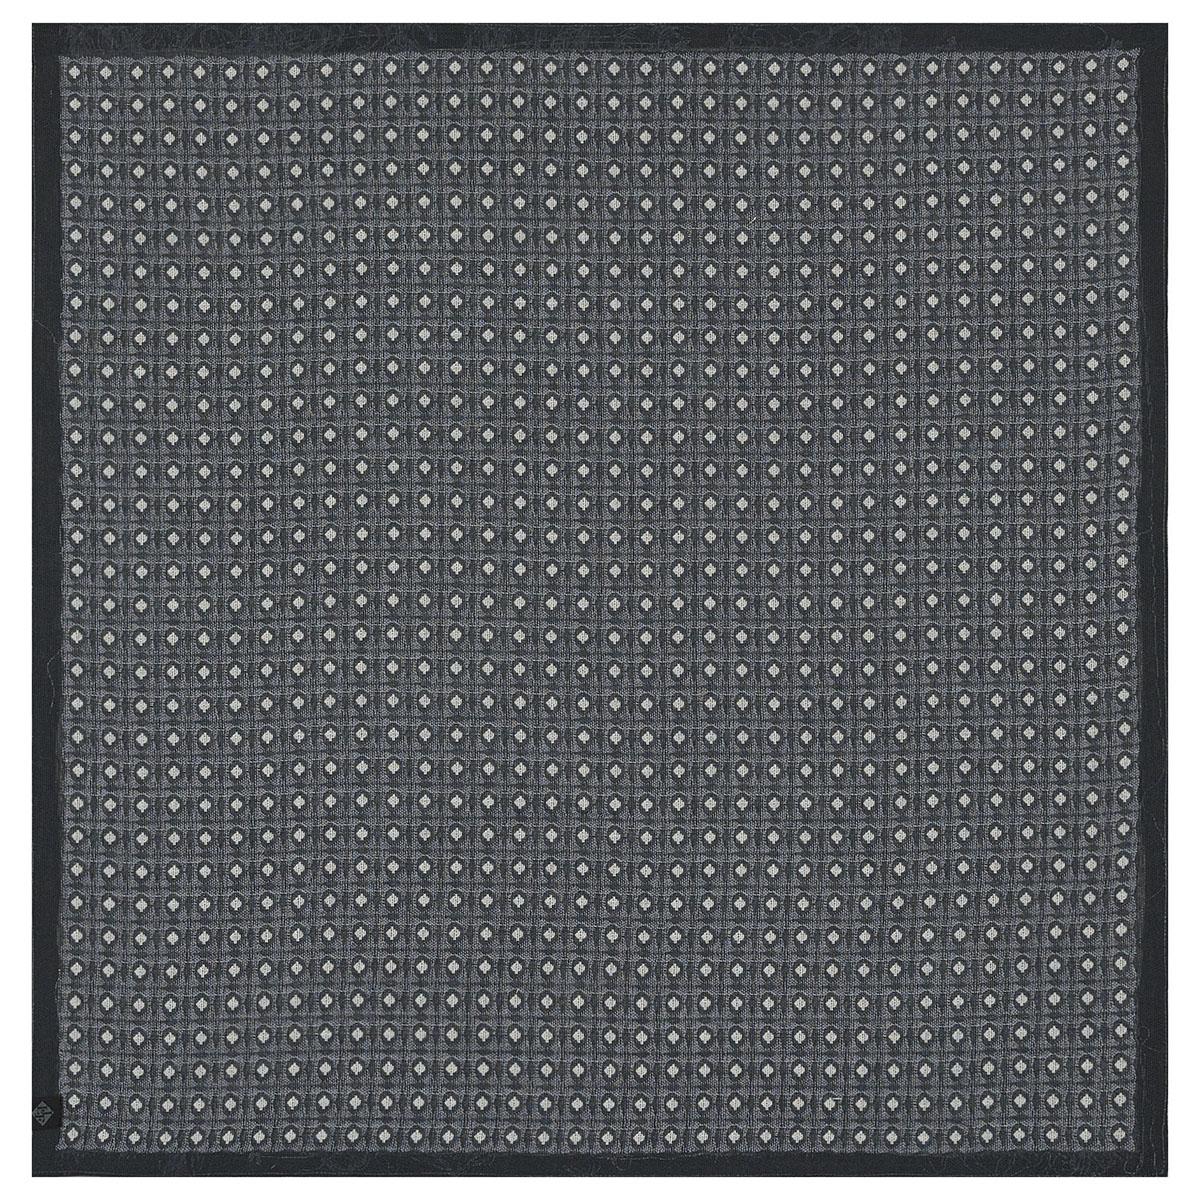 Serviette en coton charbon 58 x 58